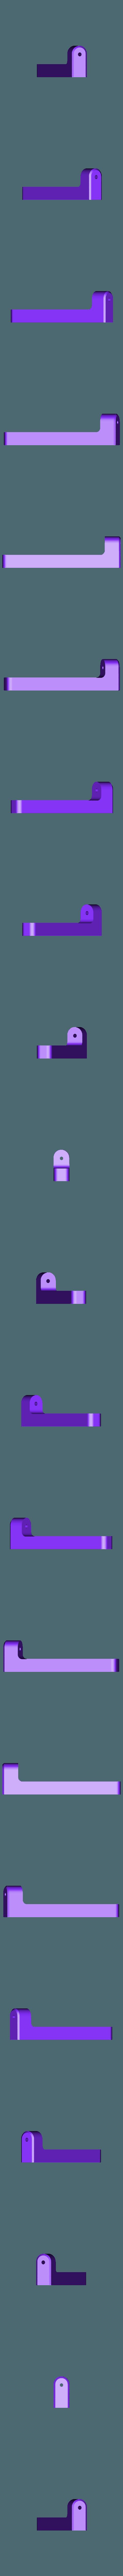 Z_level_Fine_Adjustment_Leg_PFM_plus1cm.STL Télécharger fichier STL gratuit Mise à niveau de la plaque de chariot Y pour Anet A8 • Plan imprimable en 3D, Xenice